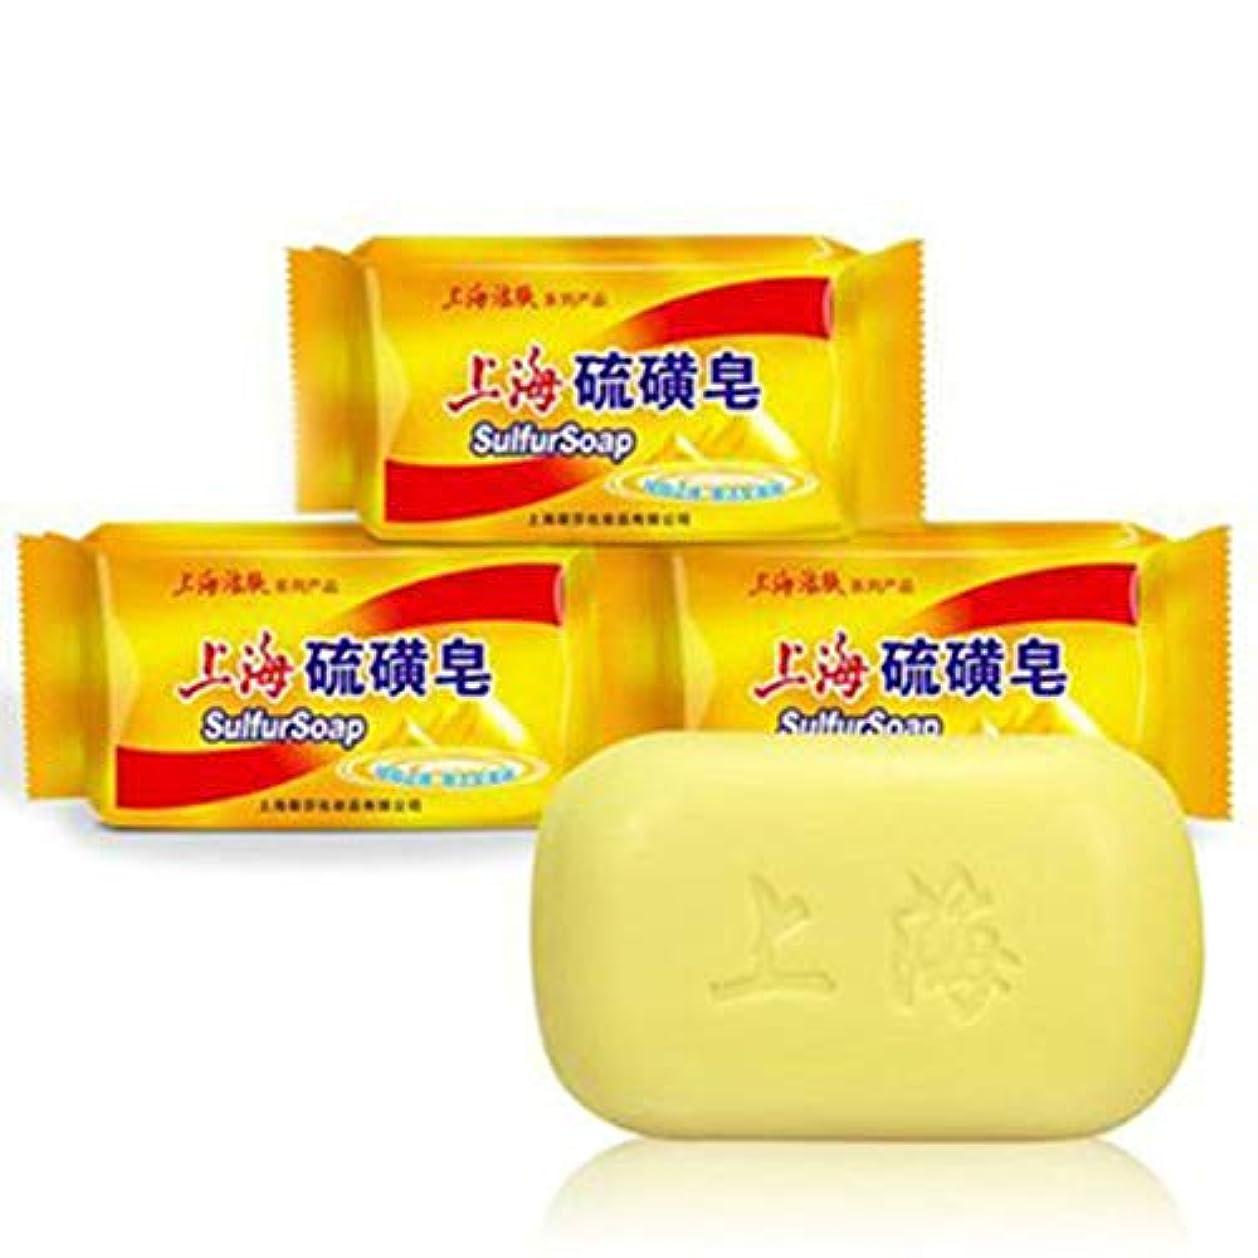 無秩序増幅狂気石鹸、ダニ石鹸入浴ユニセックス(3パック)に上海硫黄石鹸コントロールオイルフケ